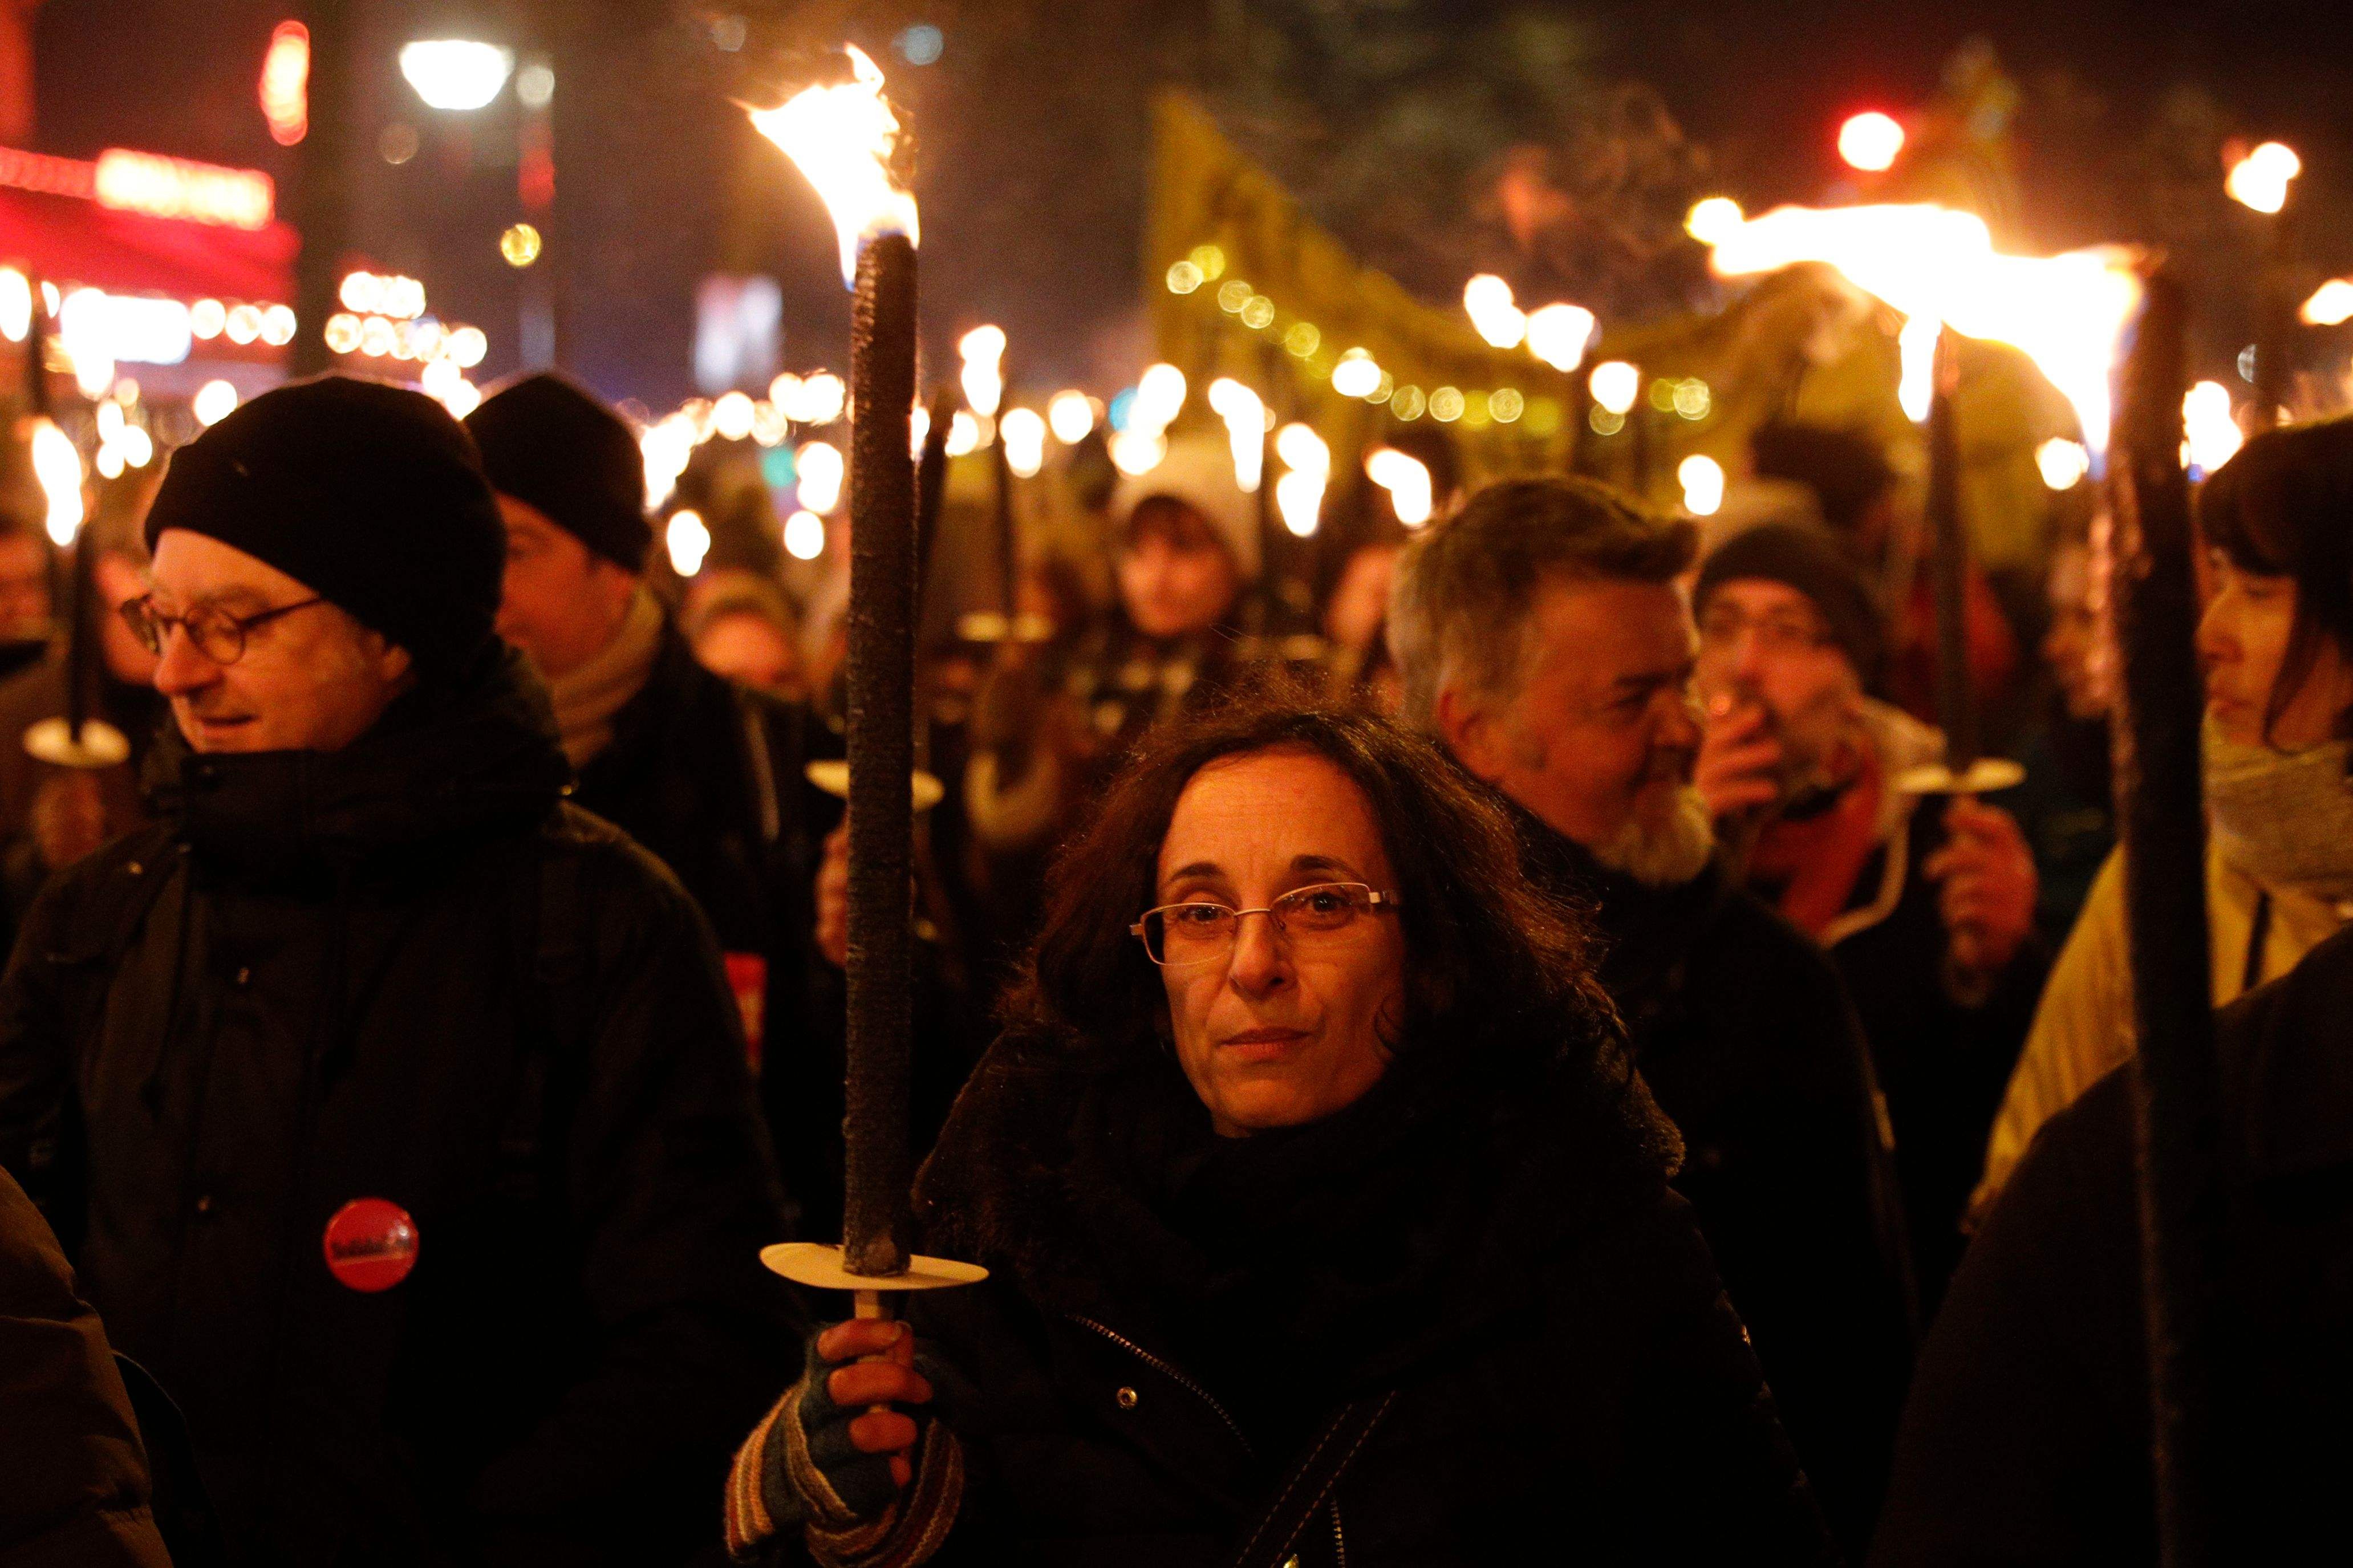 Des marches aux flambeaux pour protester contre la réforme des retraites